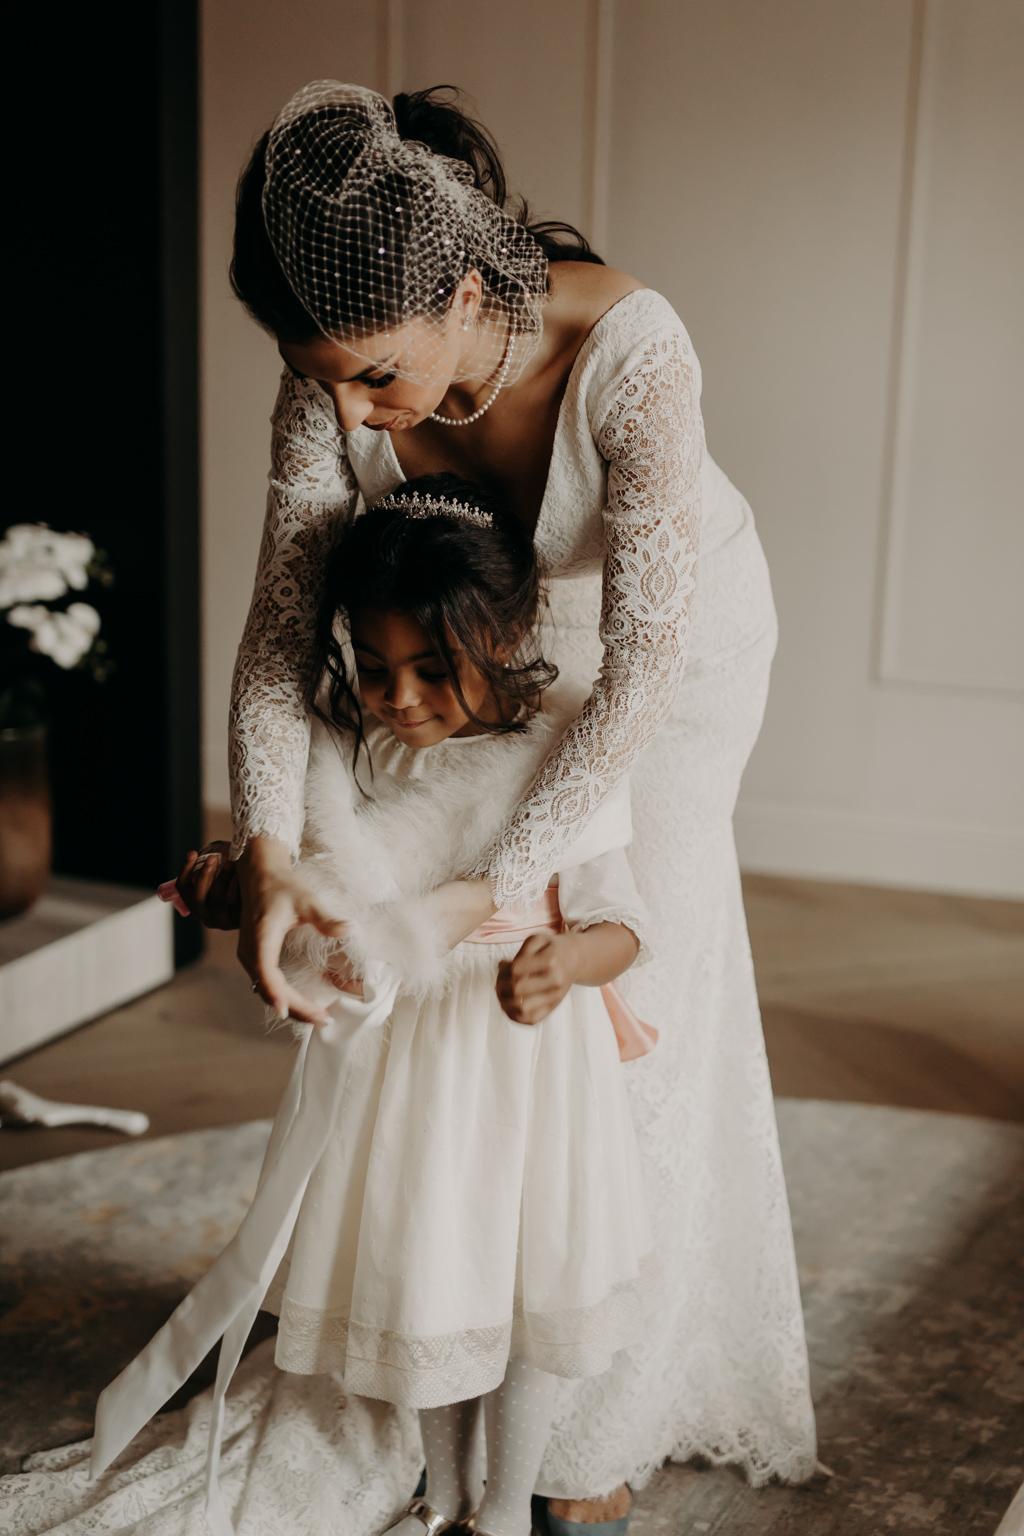 huwelijksfotografie_antwerpen_roxannedanckers-42.jpg